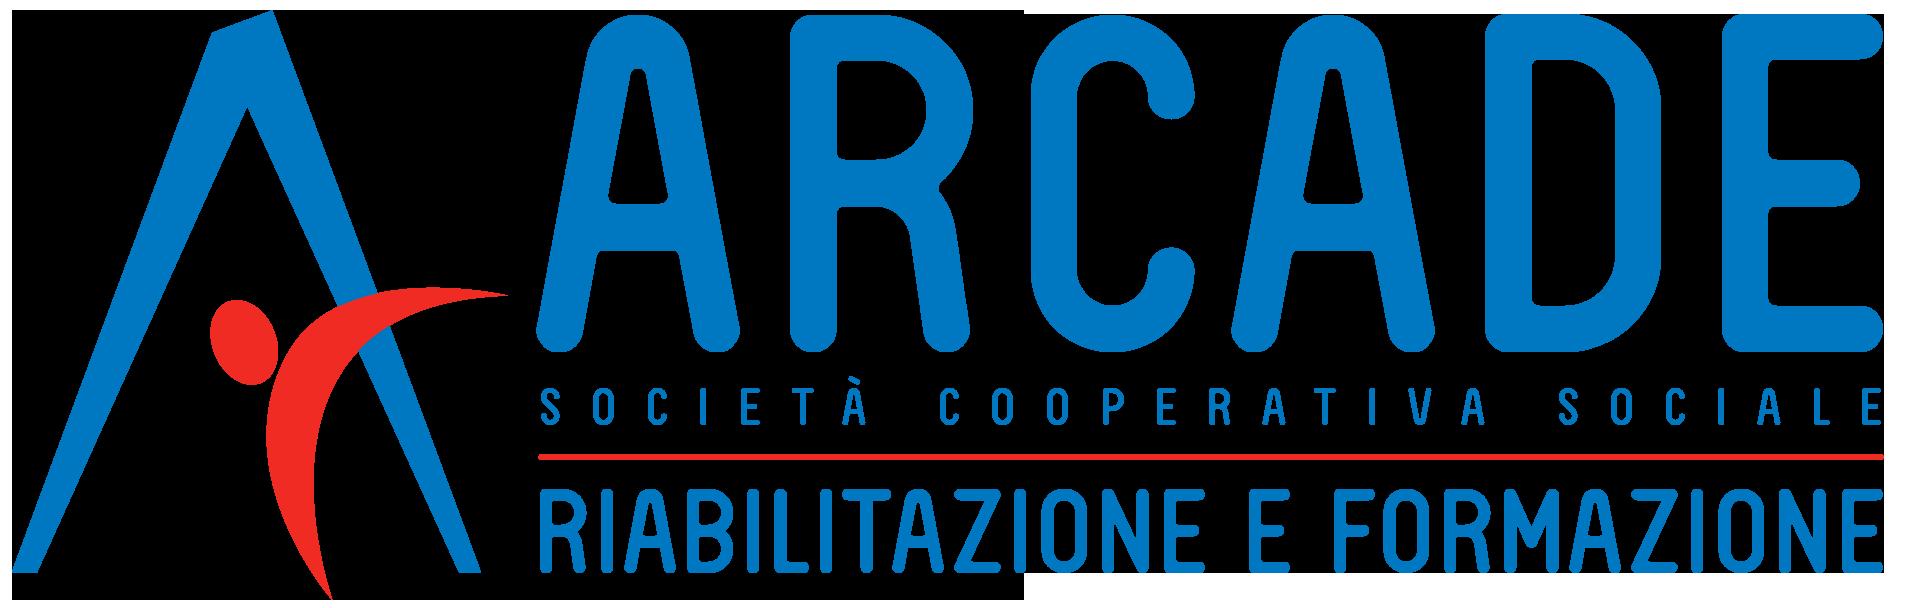 Cooperativa Arcade